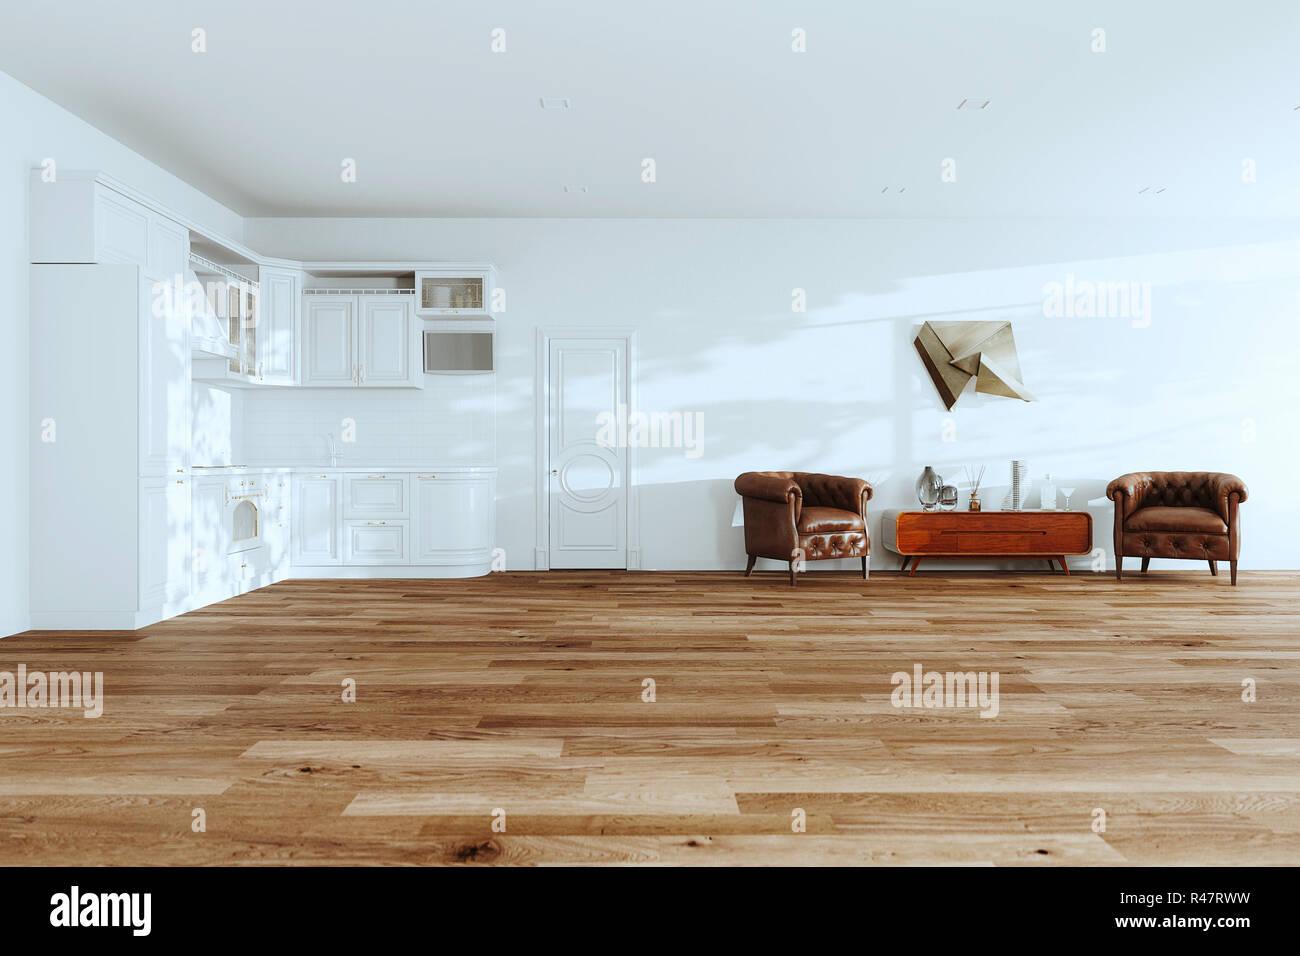 AuBergewohnlich Weiße Küche Innenraum Mit Leder Vintage Sessel, Holz Aus Der Mitte Des  Letzten Jahrhunderts Stehen Und Massivholzböden In Neuen Luxus Home  3D Rendering